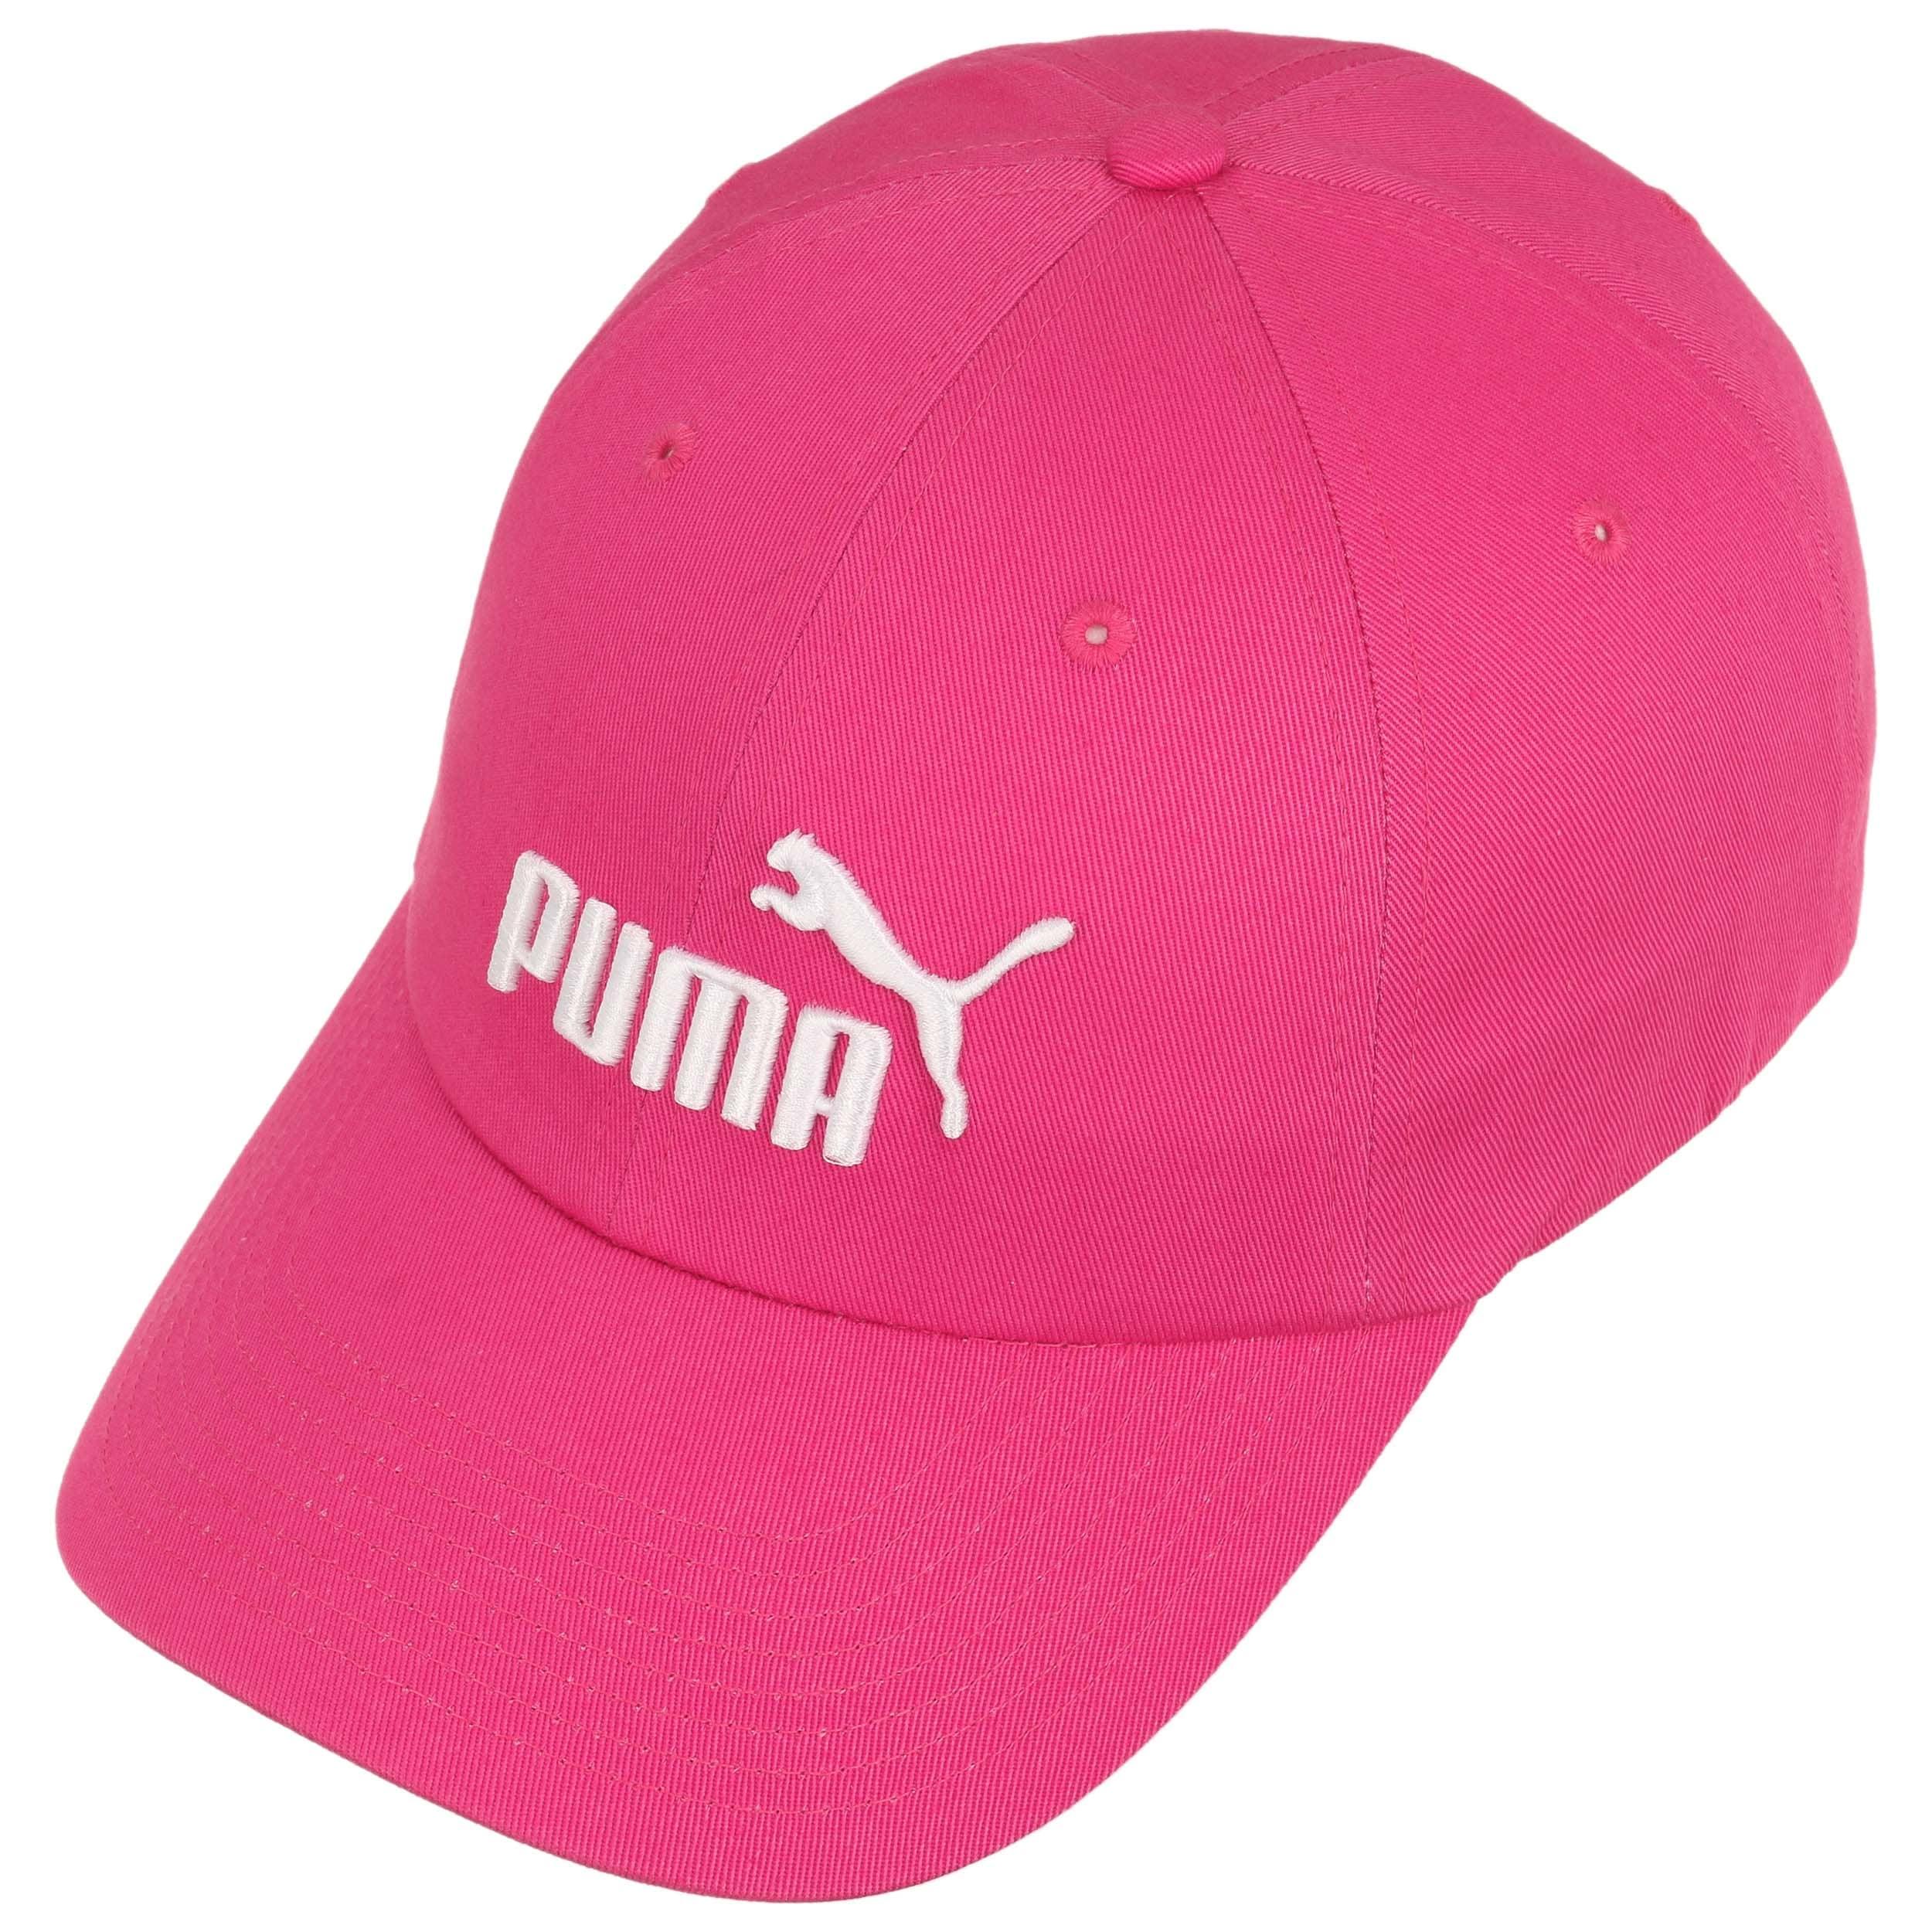 e5b28a65da1 1 Baseball Cap by PUMA - pink 1 ...